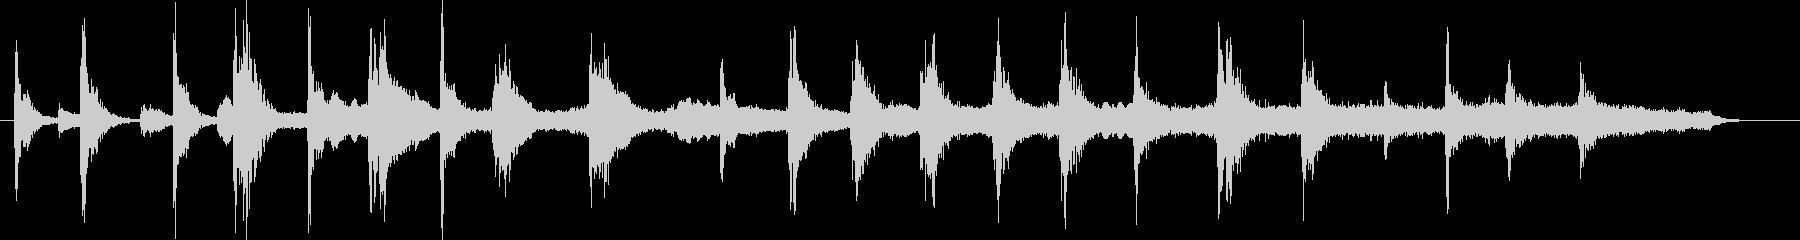 不気味かつ緊迫した場面のストリングス小曲の未再生の波形